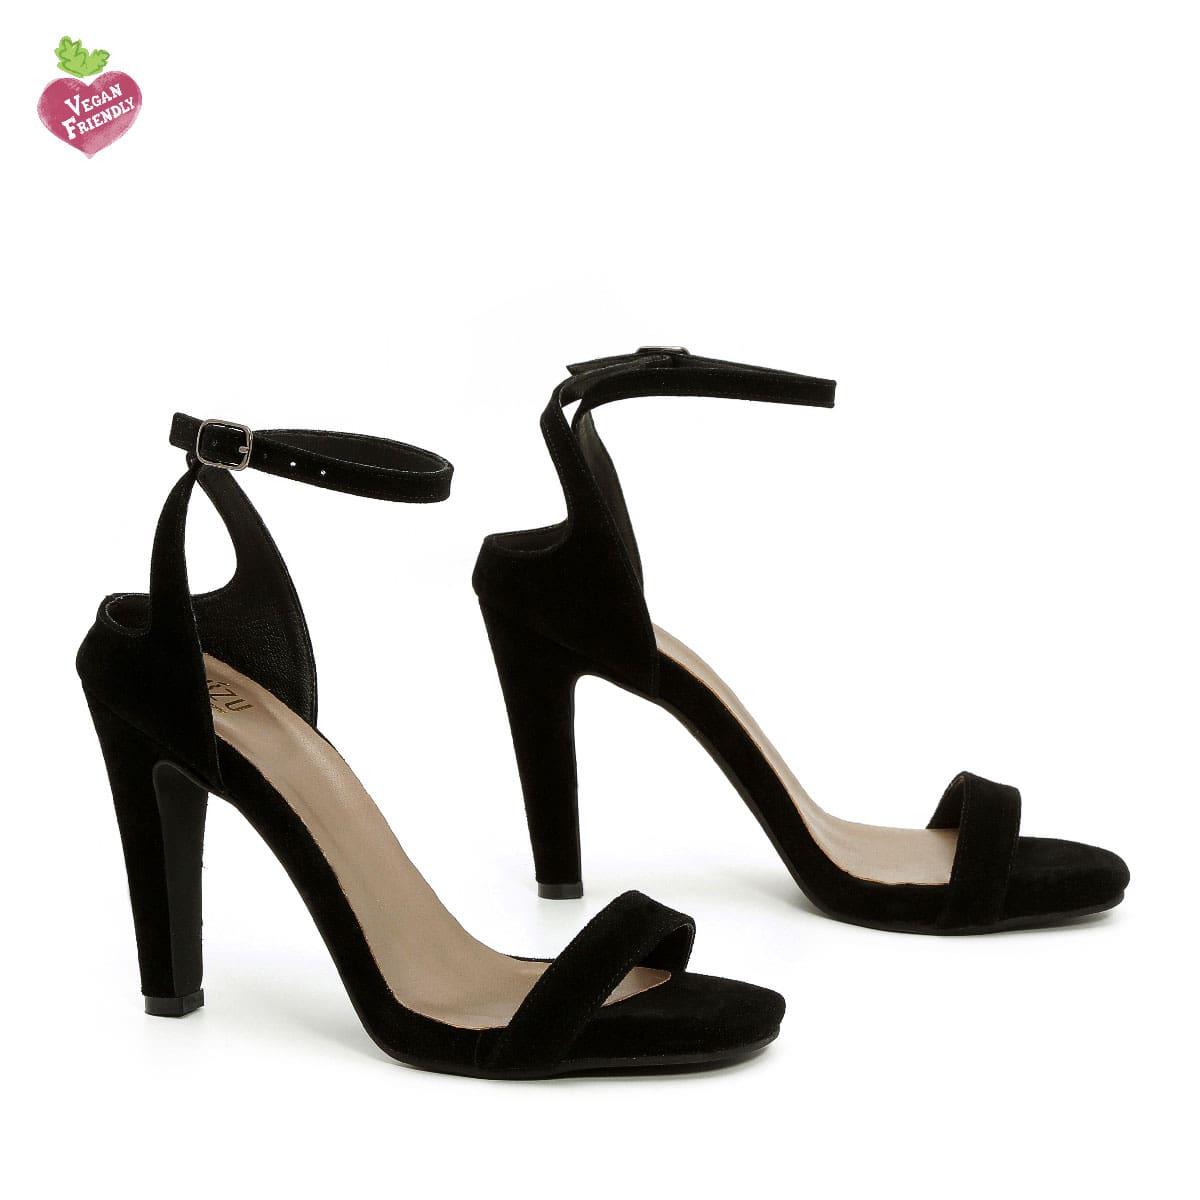 דגם אילנה: נעלי עקב טבעוניות בצבע שחור